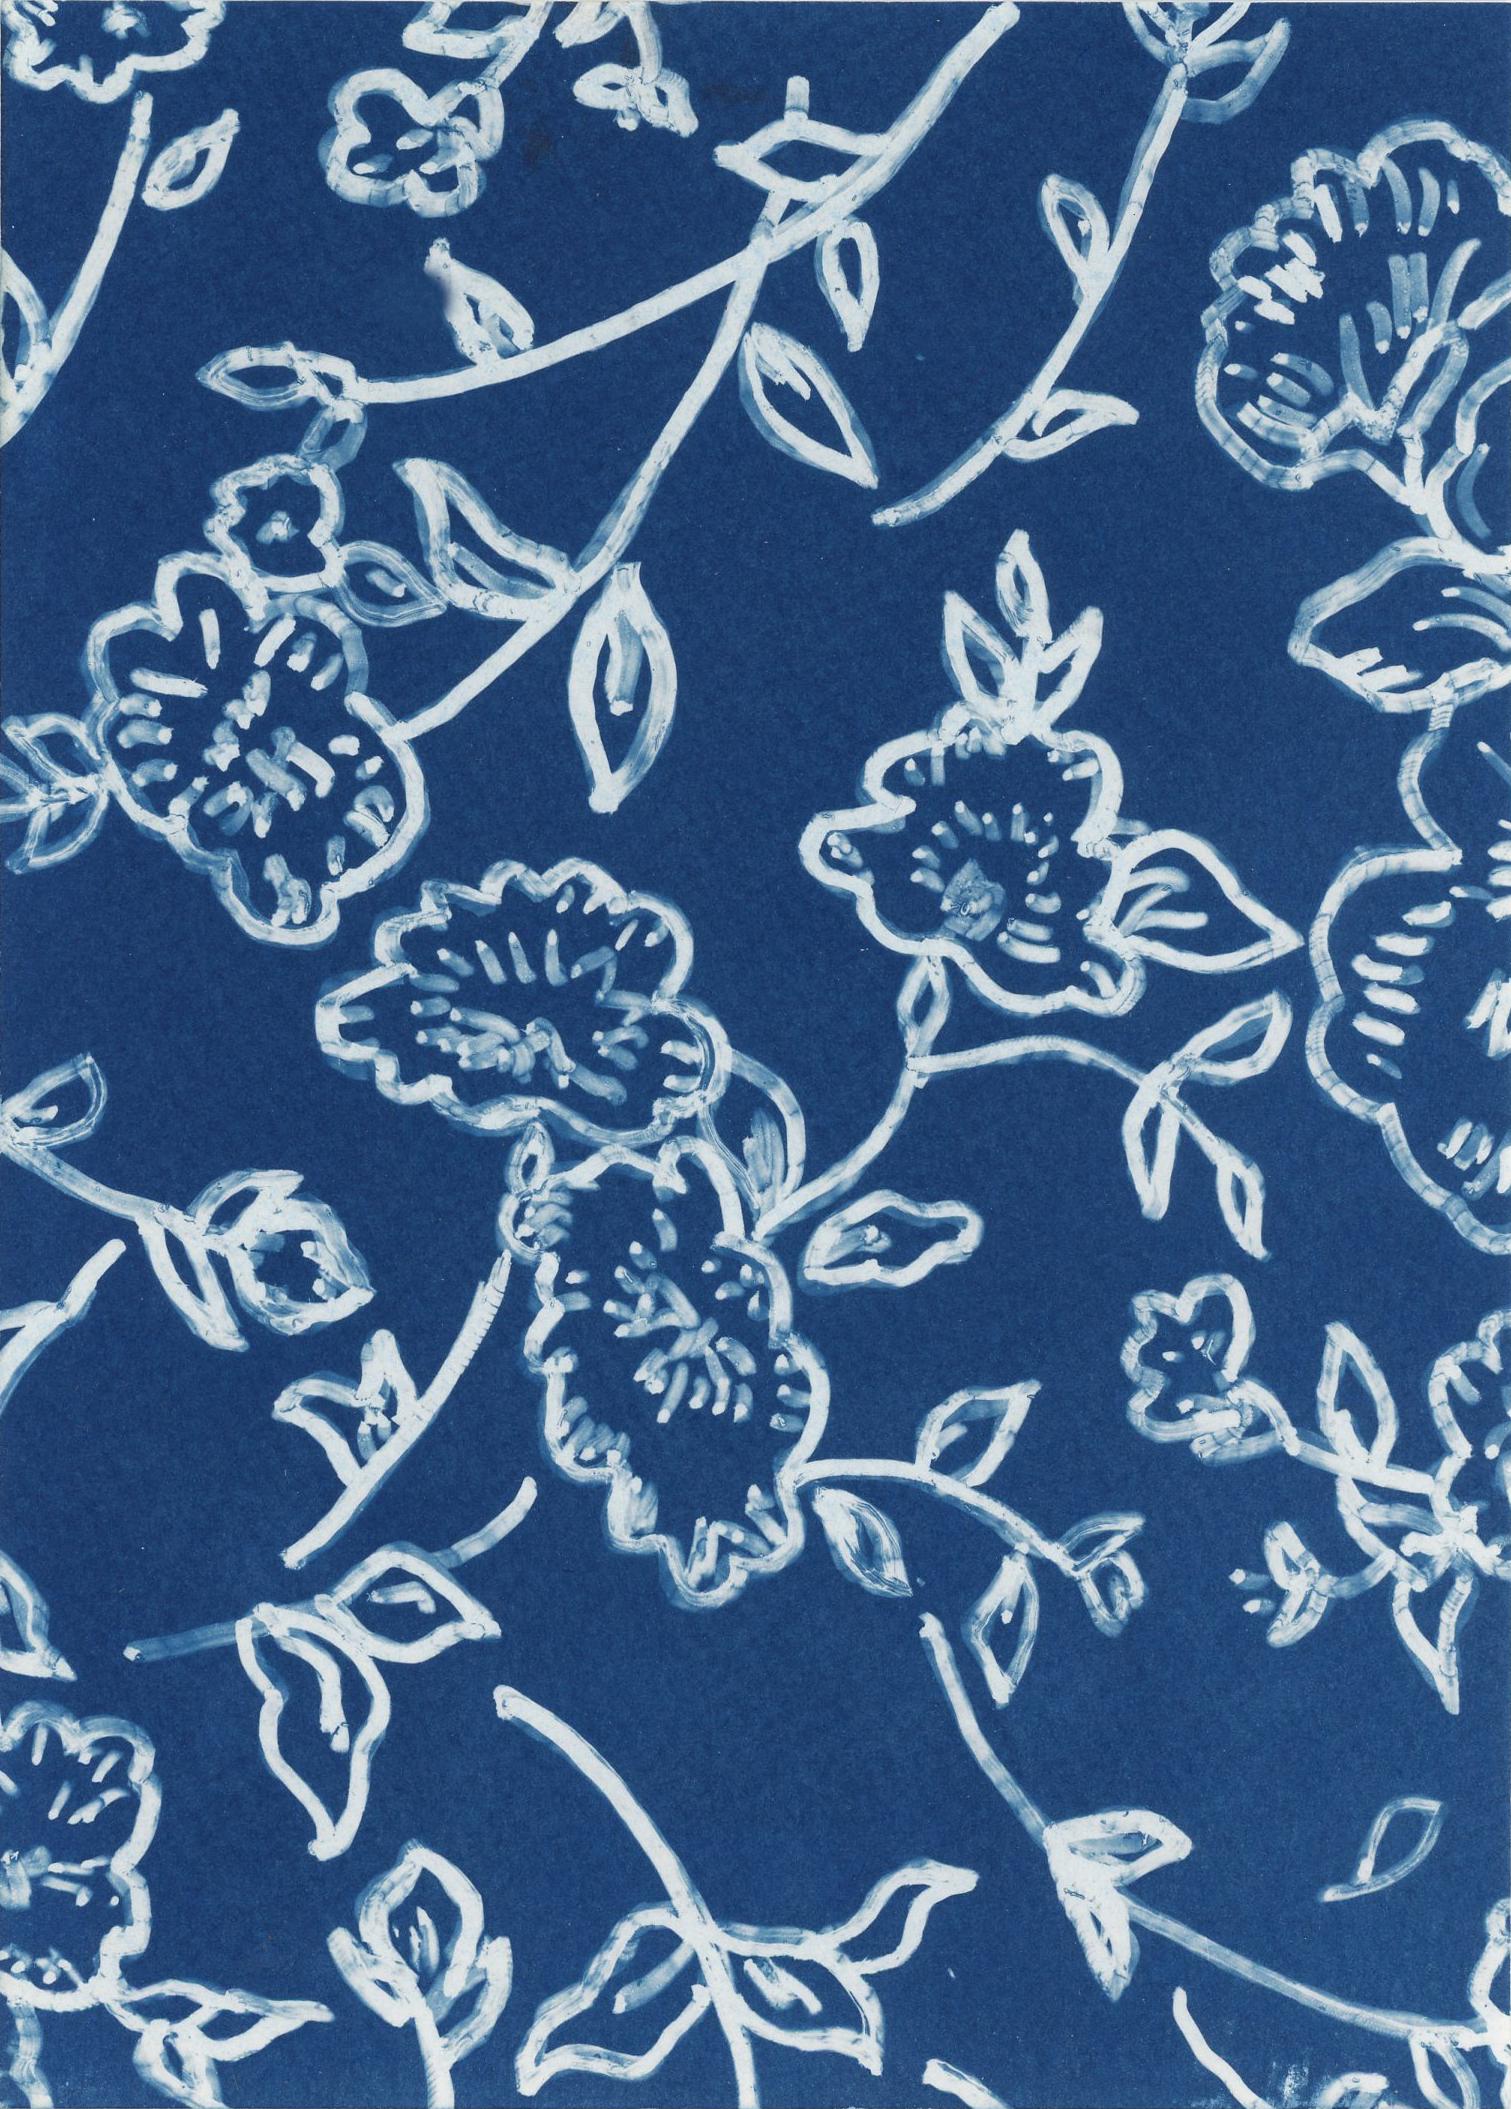 cyanotypescan188flowers.jpg